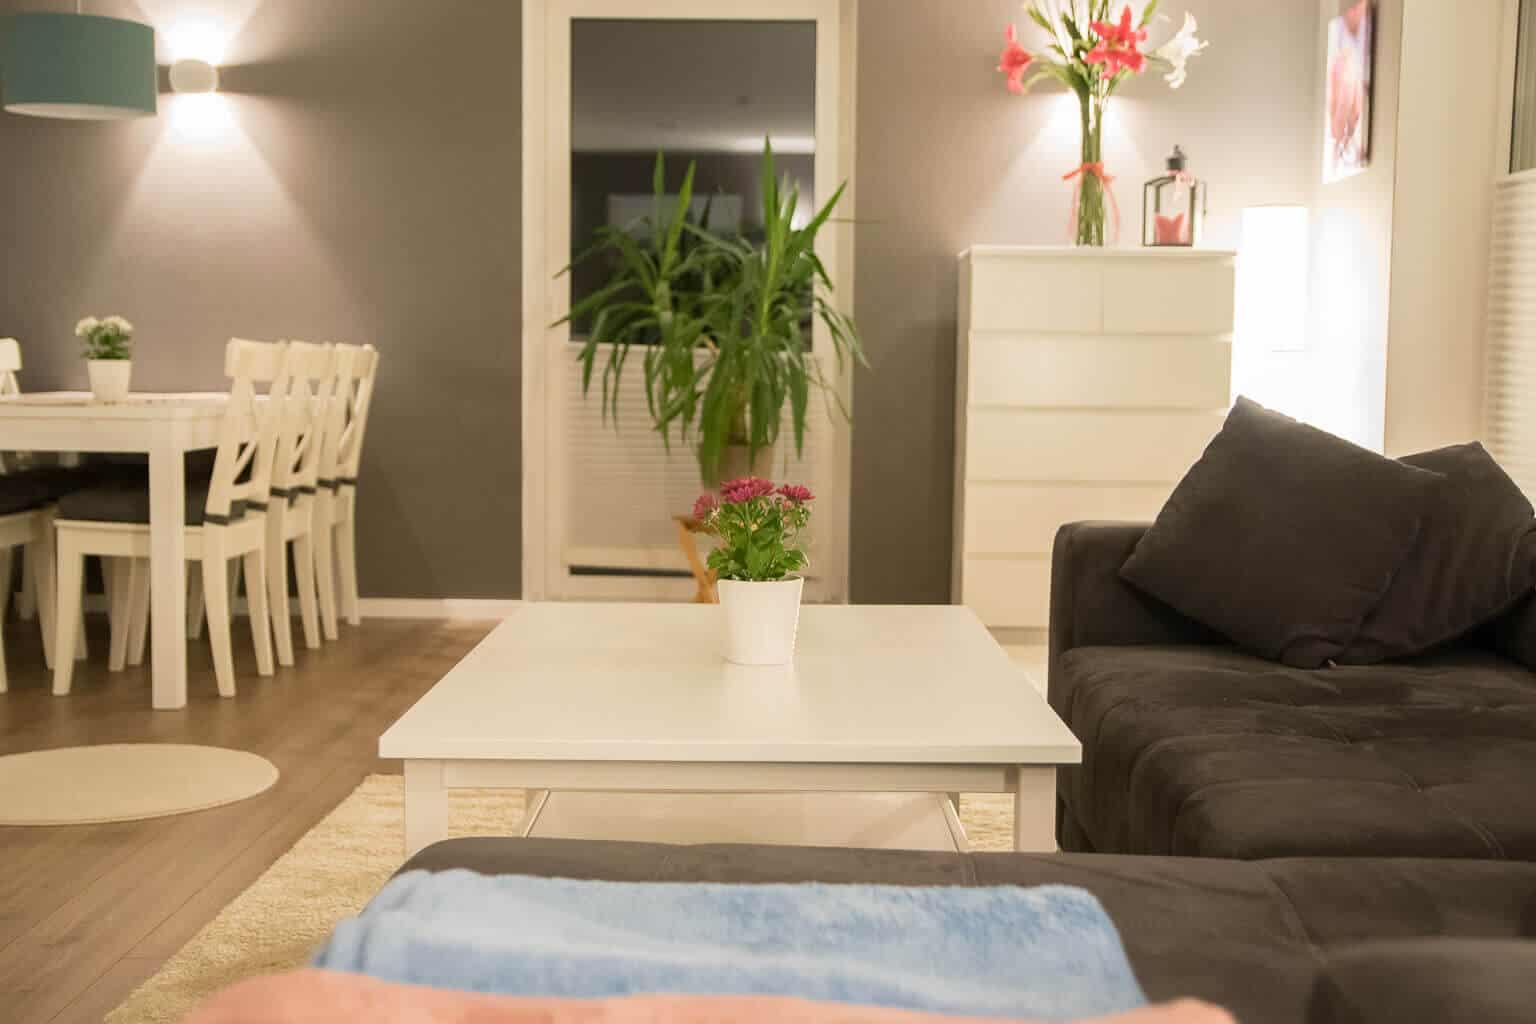 Wohnzimmer streichen - Nach zwei Jahren Lust auf was neues